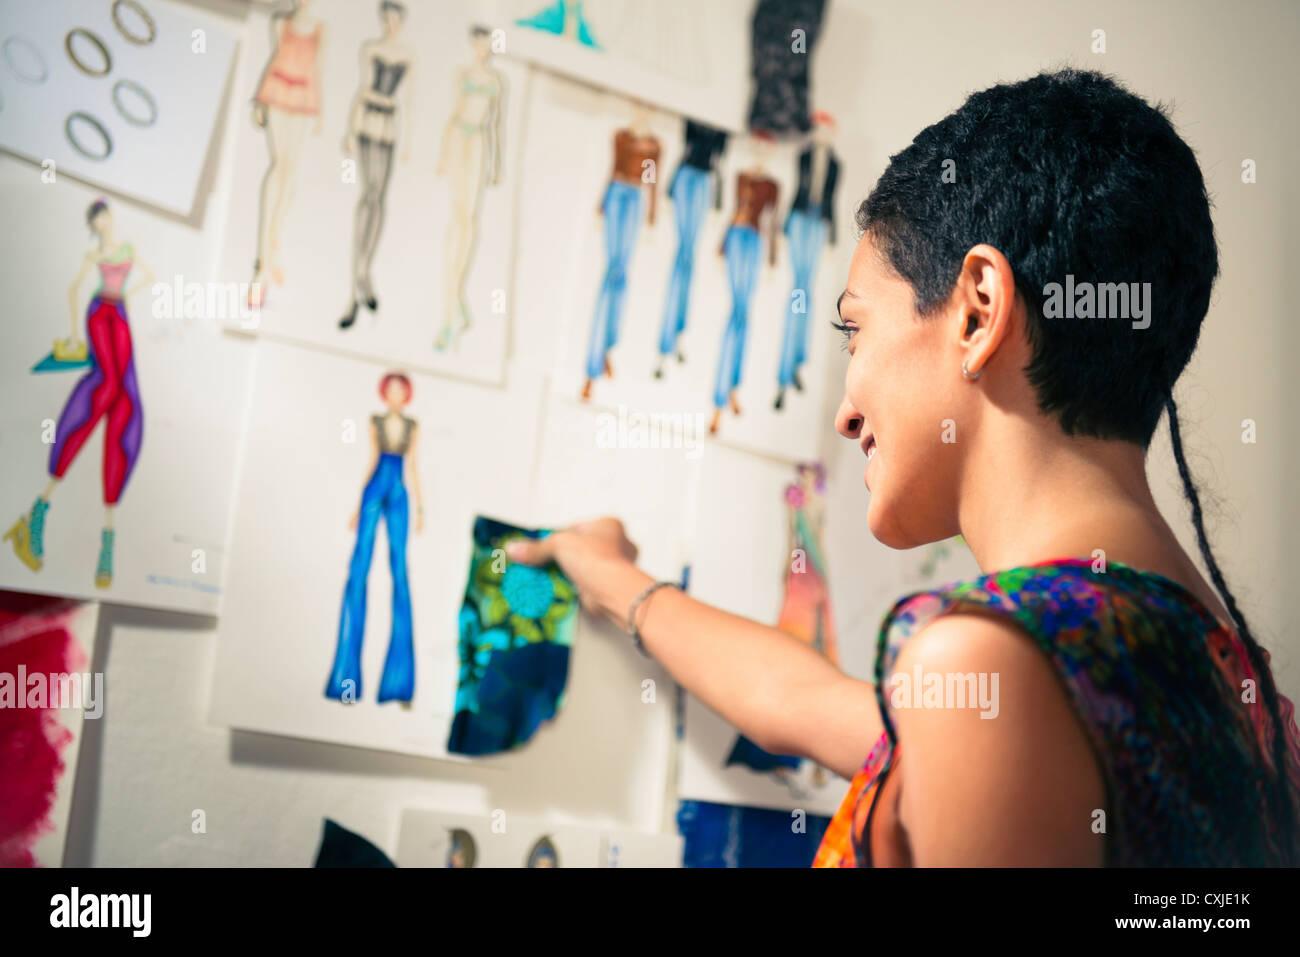 Zuversichtlich, Unternehmer, hispanische junge Frau arbeitete als Modedesignerin und Schneiderin im atelier Stockbild